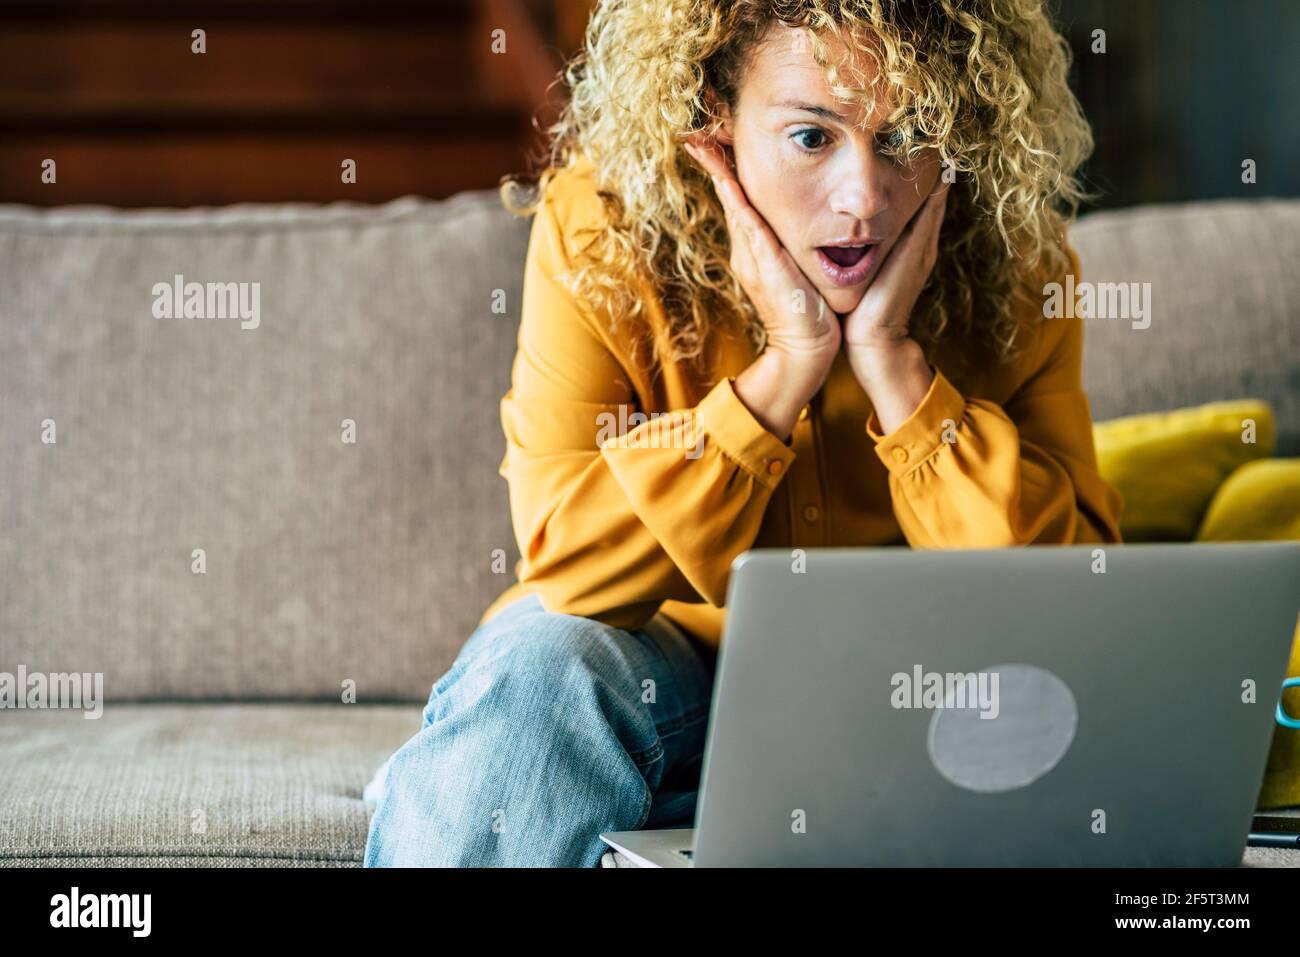 Une femme souriante assise à la maison sur le canapé lisant un message en regardant l'écran de l'appareil à l'aide d'un ordinateur. Une femme excitée se sent satisfaite de l'émotion positive Banque D'Images